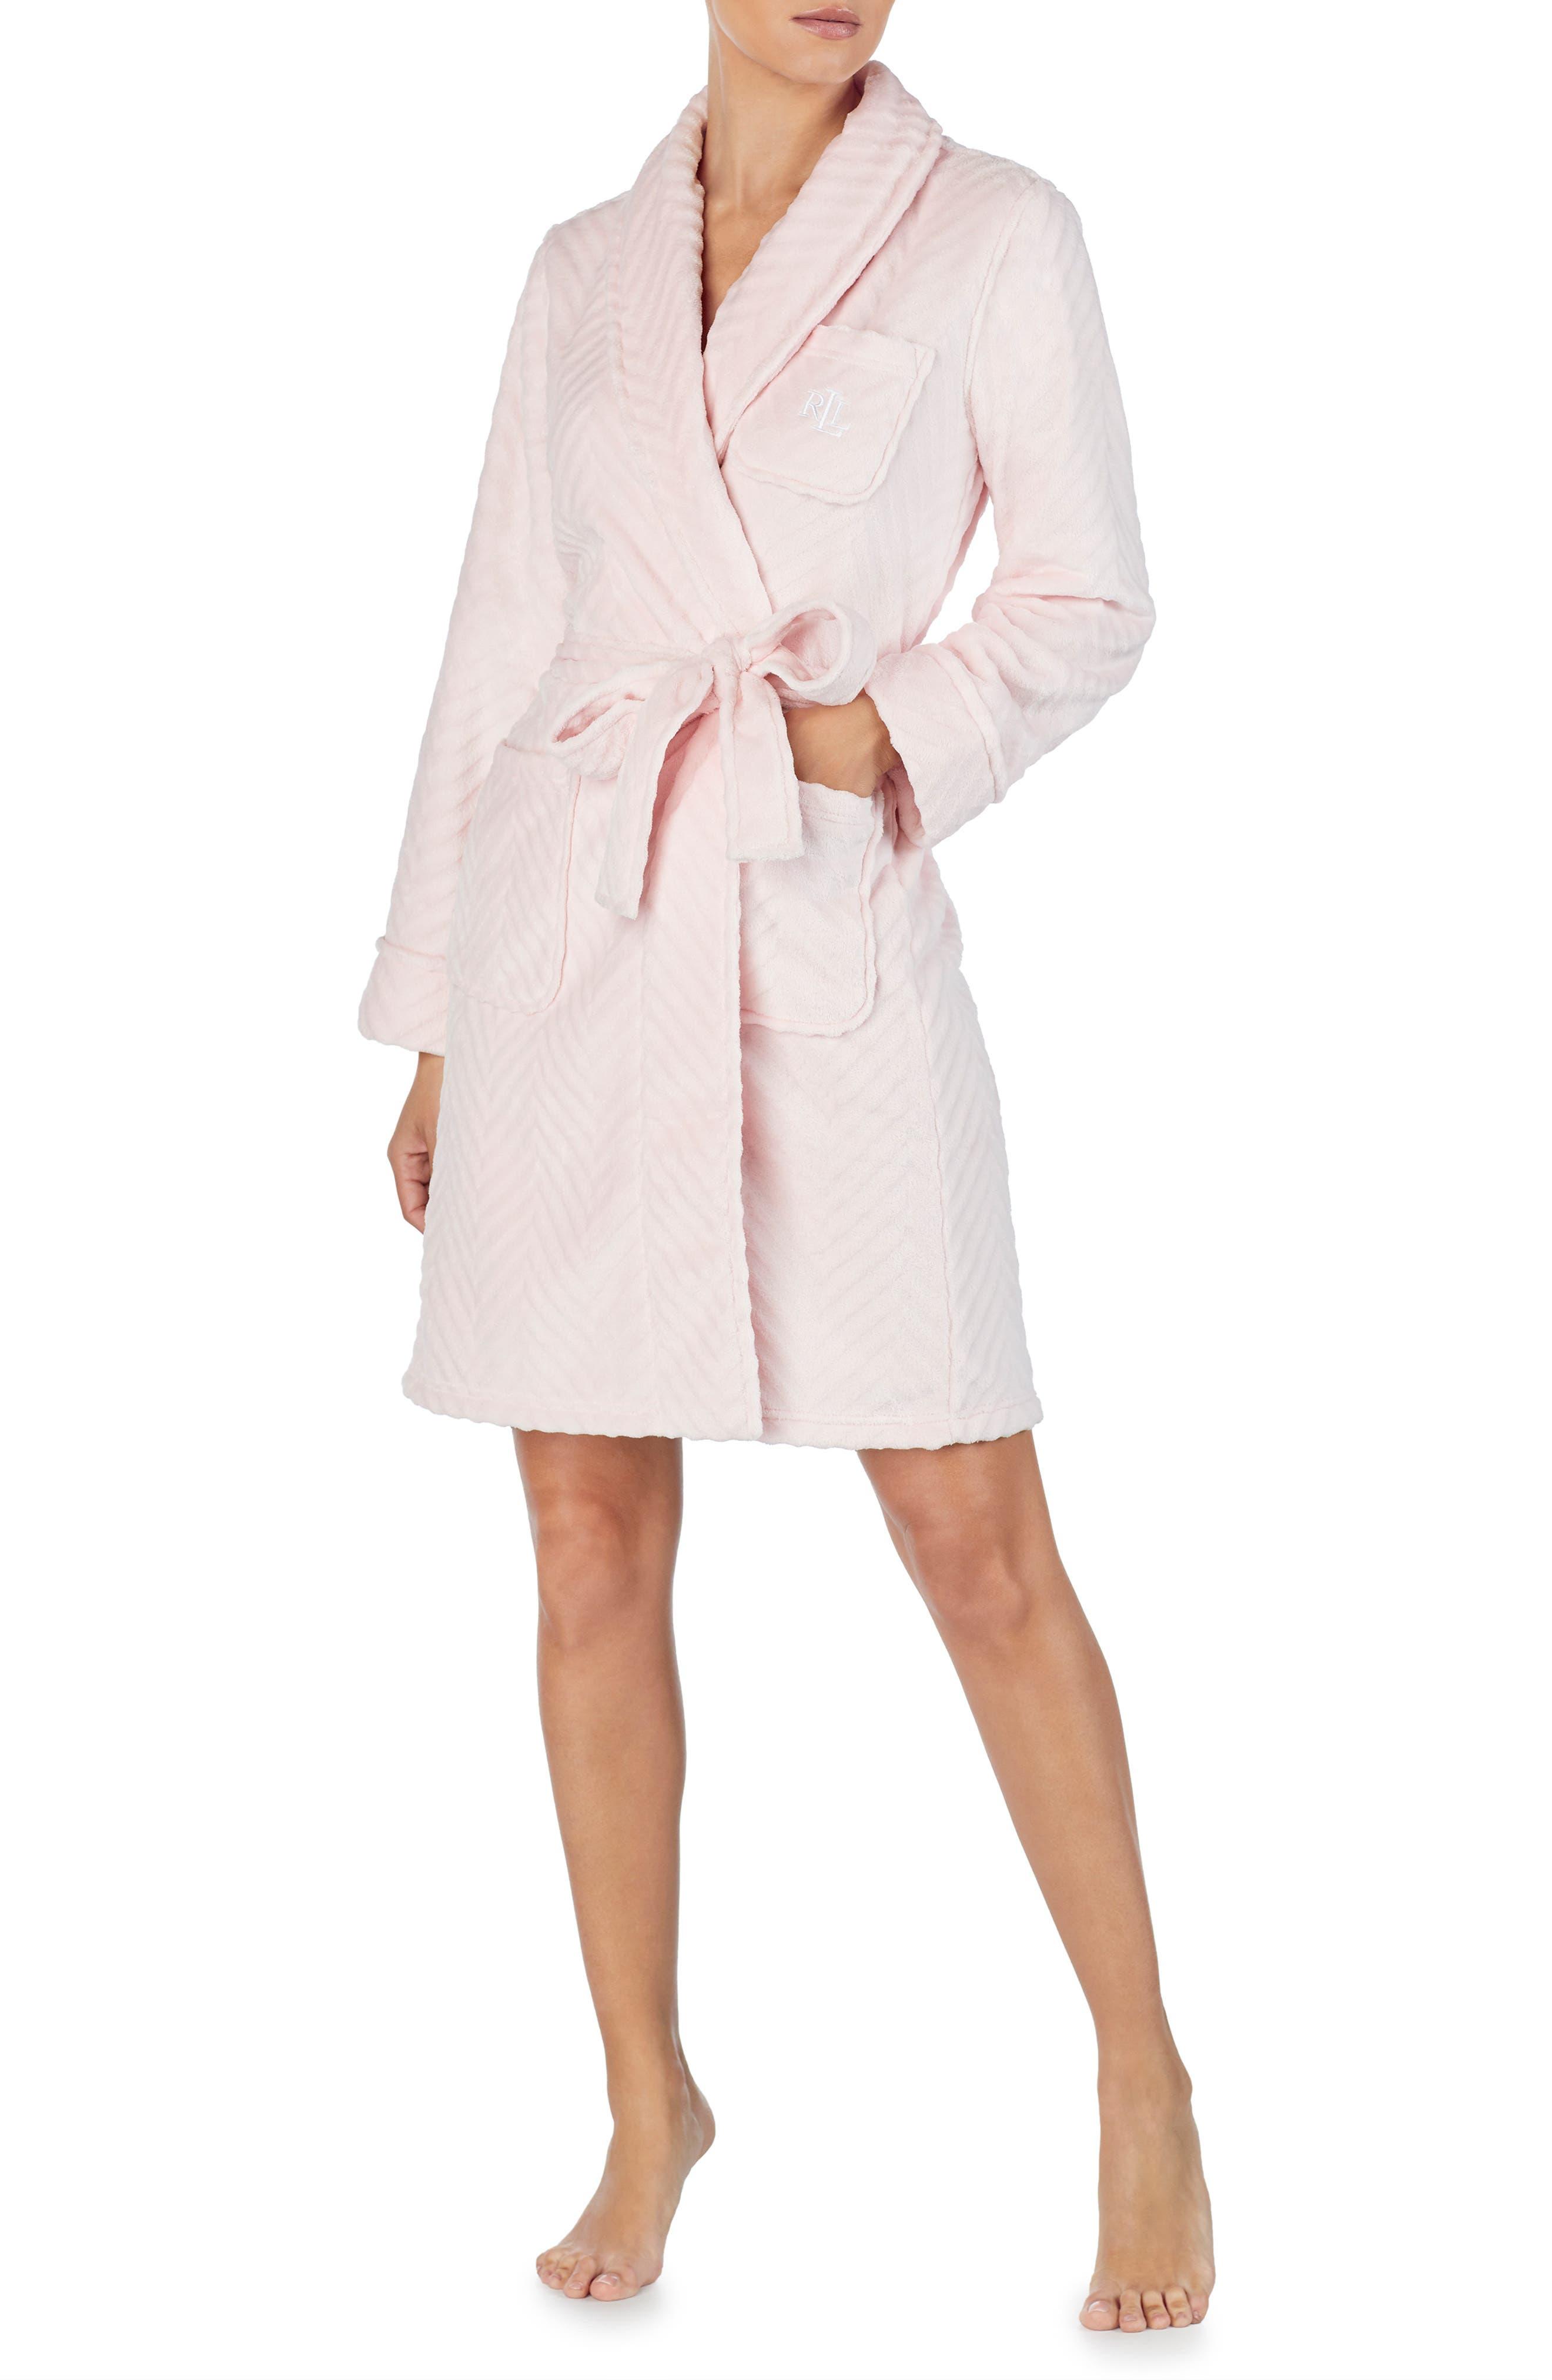 LAUREN RALPH LAUREN,                             Short Fleece Robe,                             Main thumbnail 1, color,                             PINK